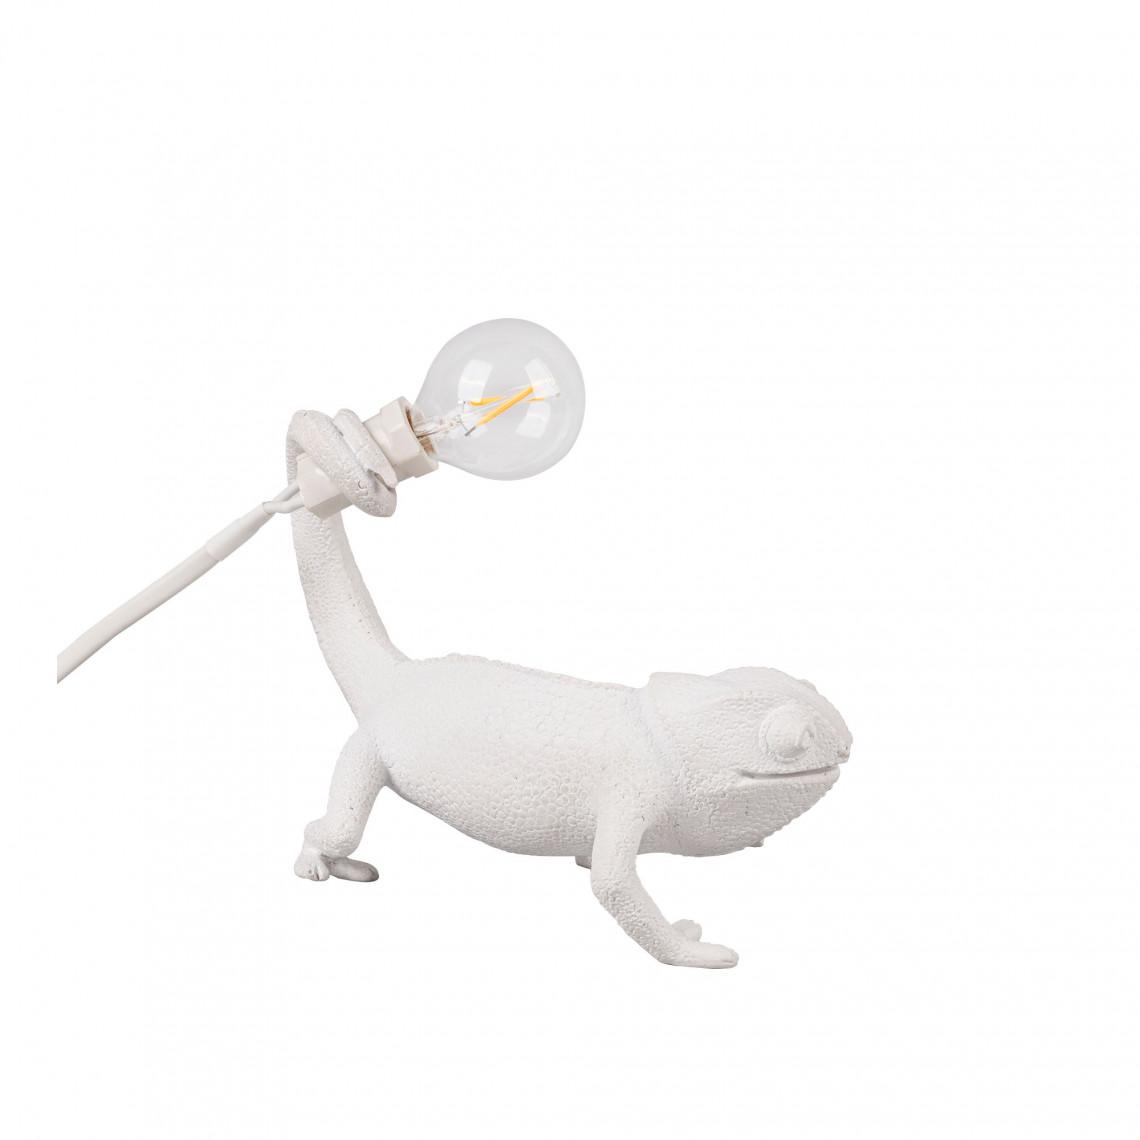 Chameleon Lamp - Still